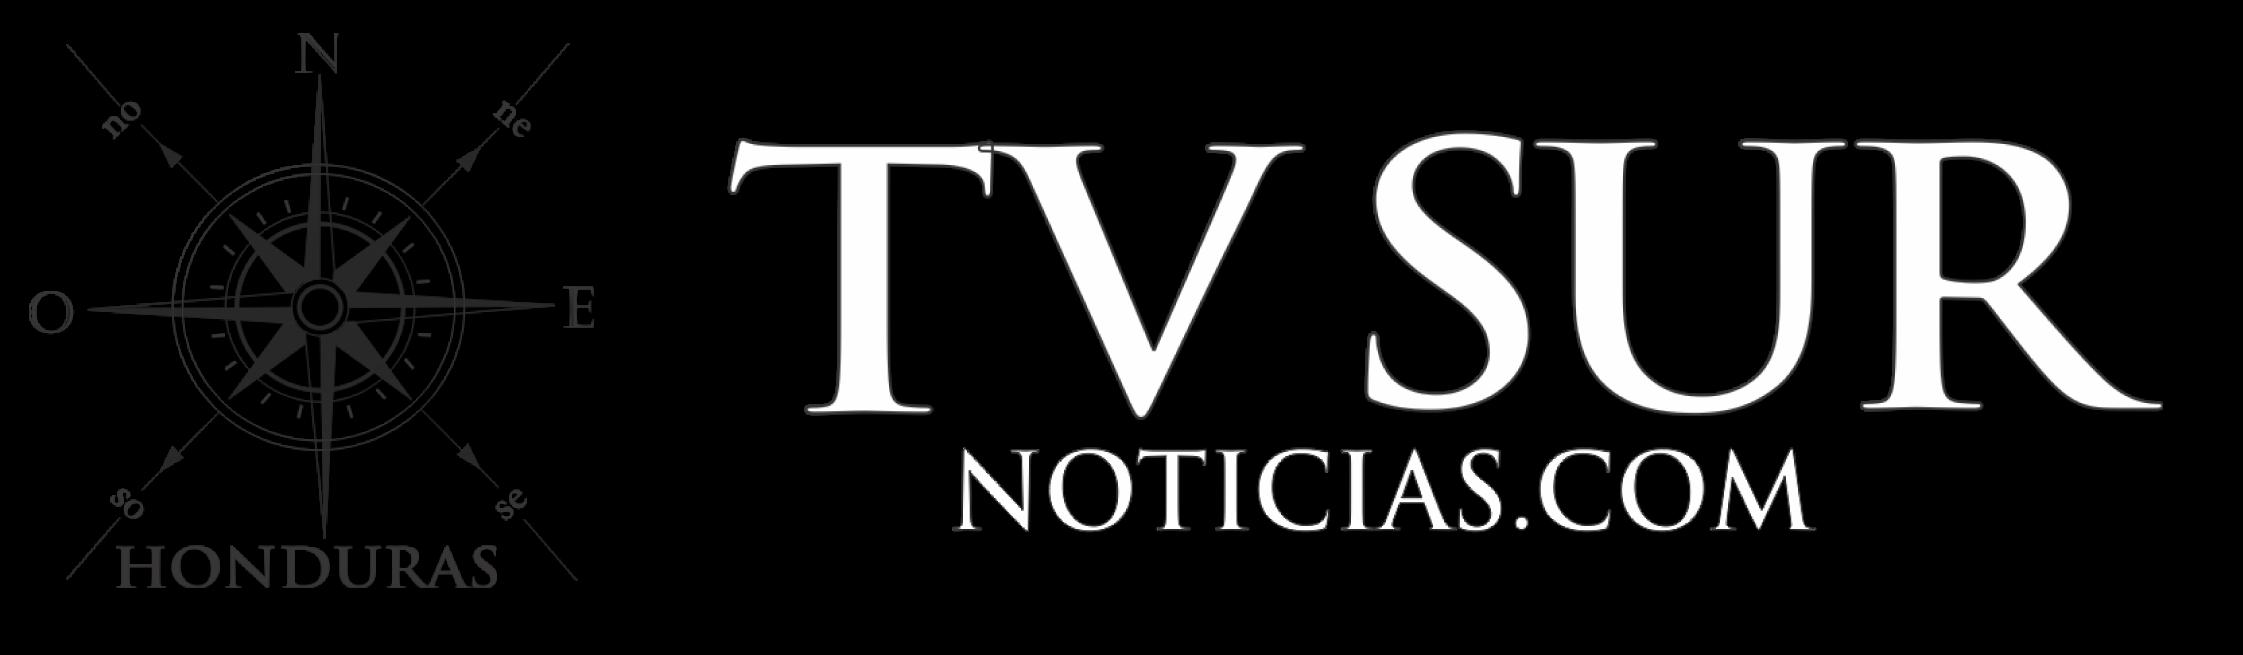 Tv Sur Noticias